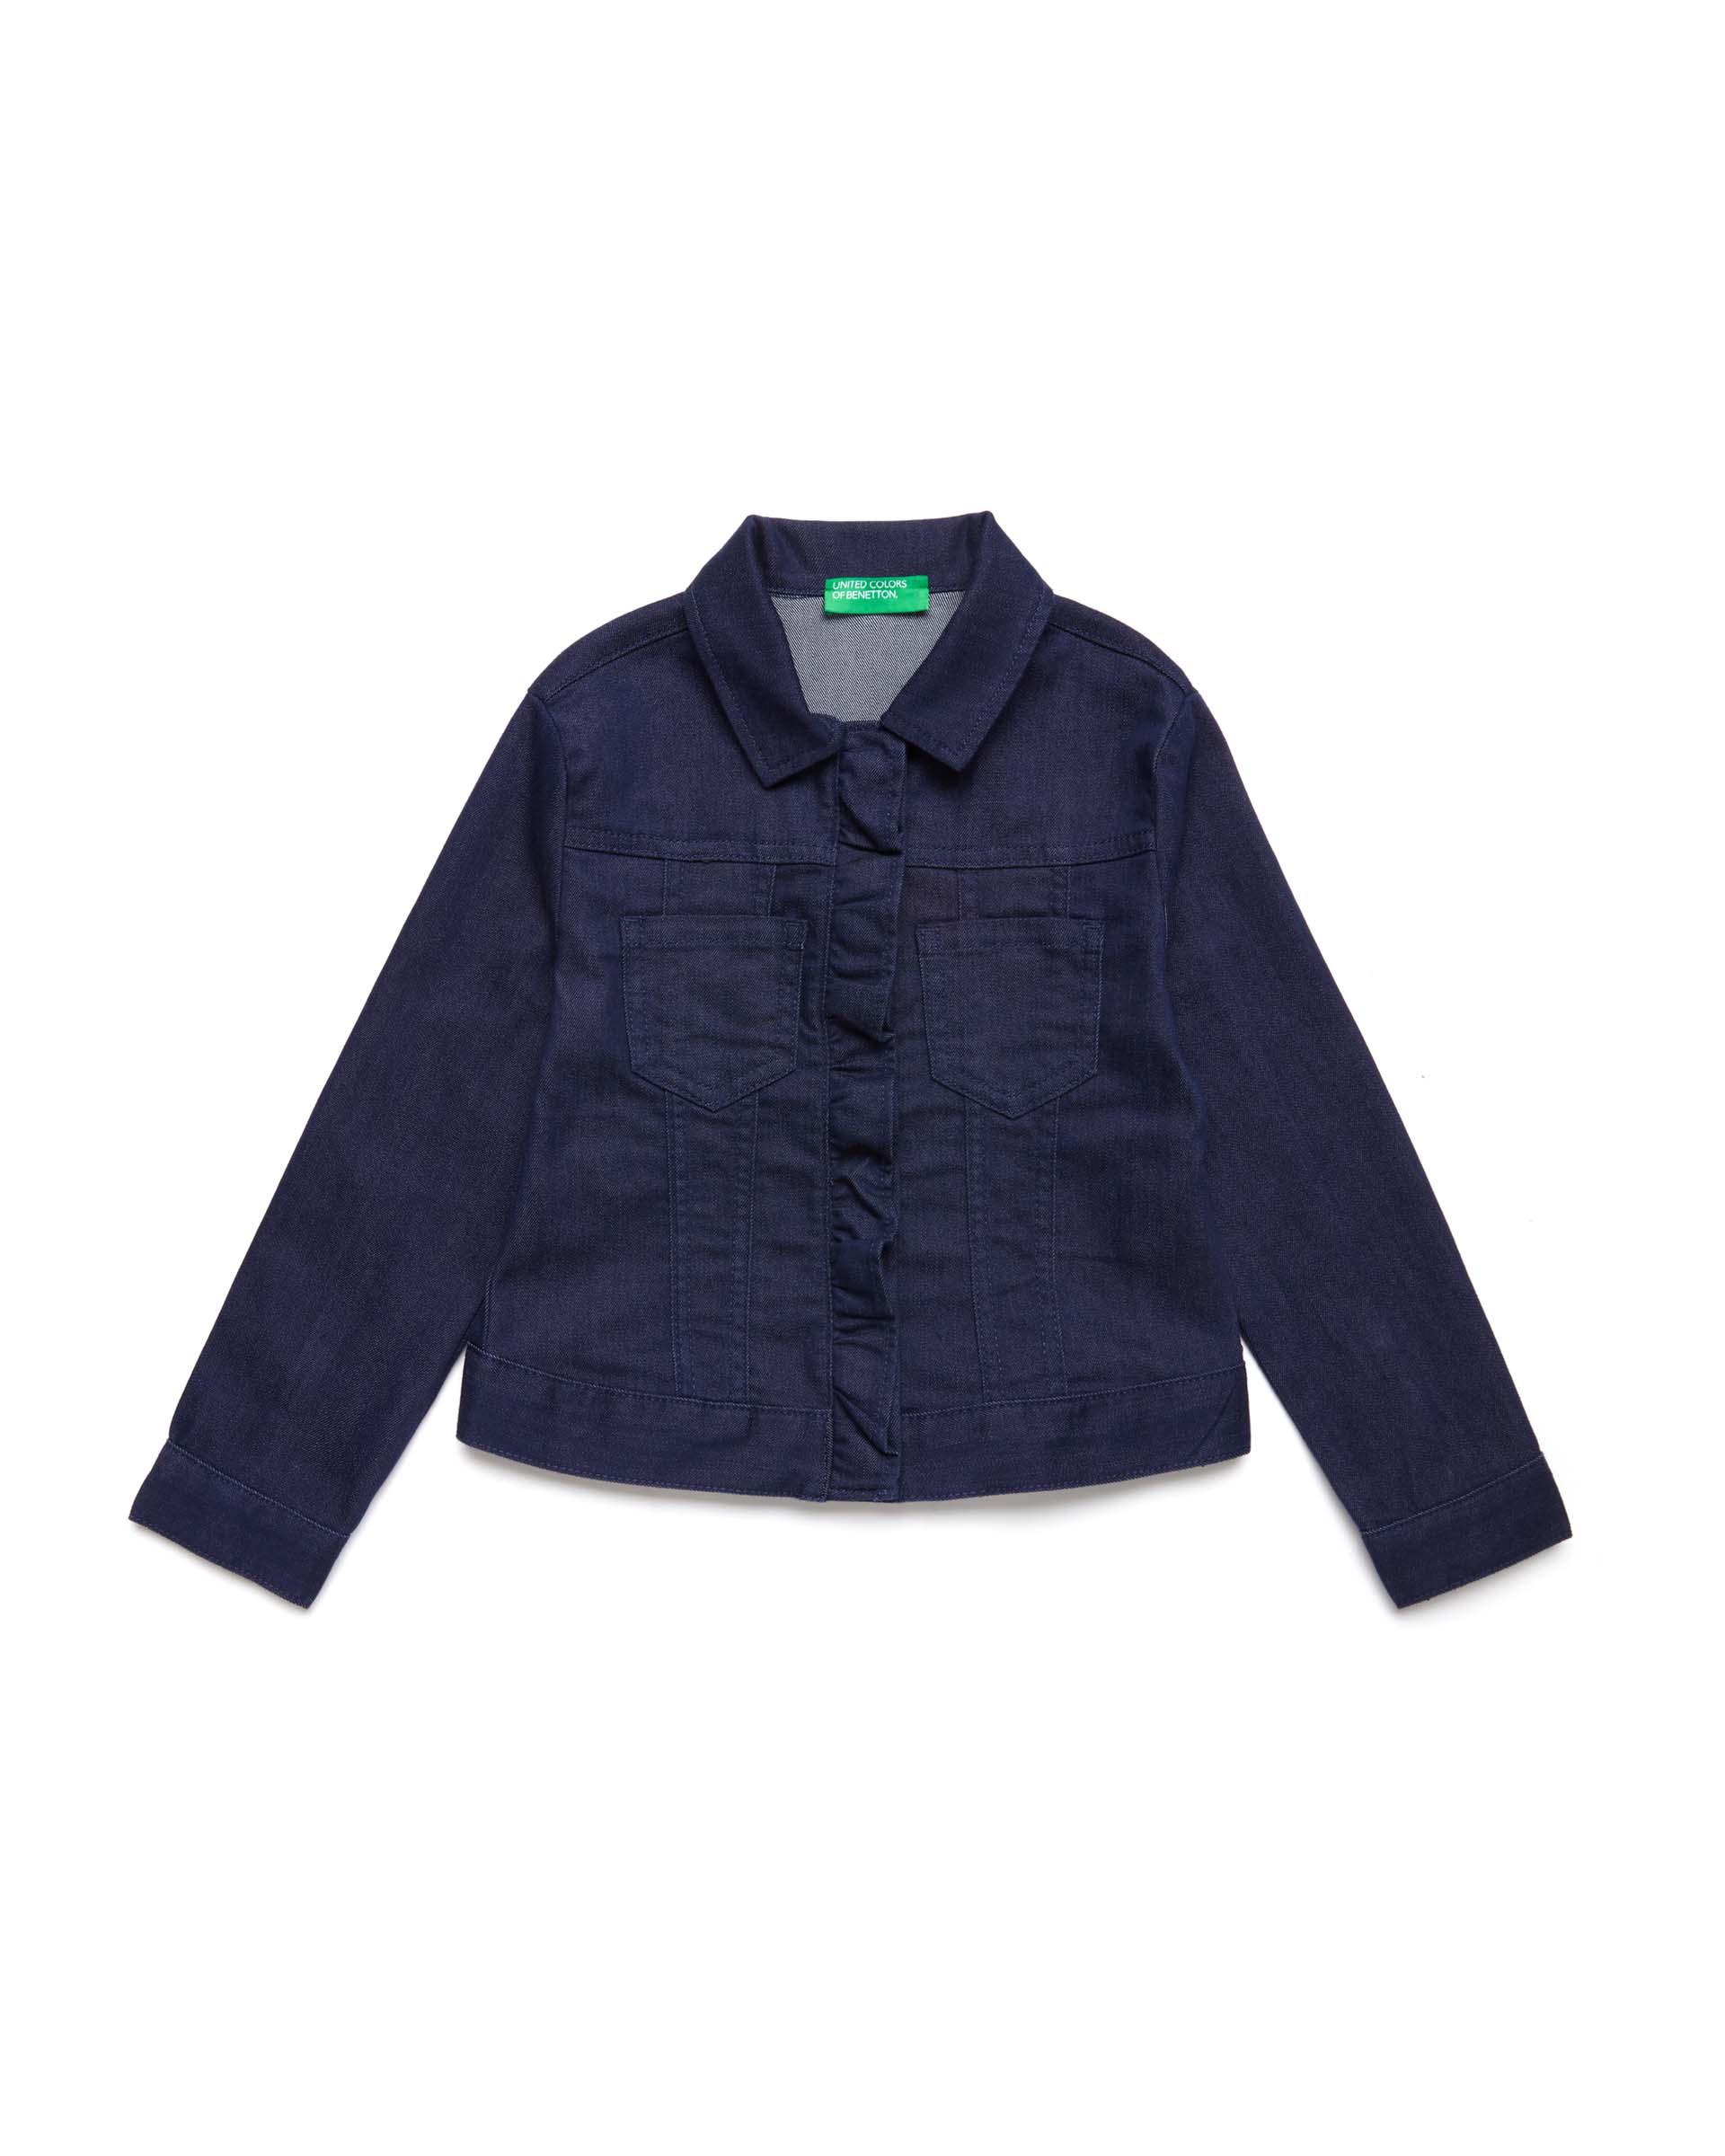 Купить 20P_2HB553I30_252, Джинсовая куртка для девочек Benetton 2HB553I30_252 р-р 140, United Colors of Benetton, Куртки для девочек